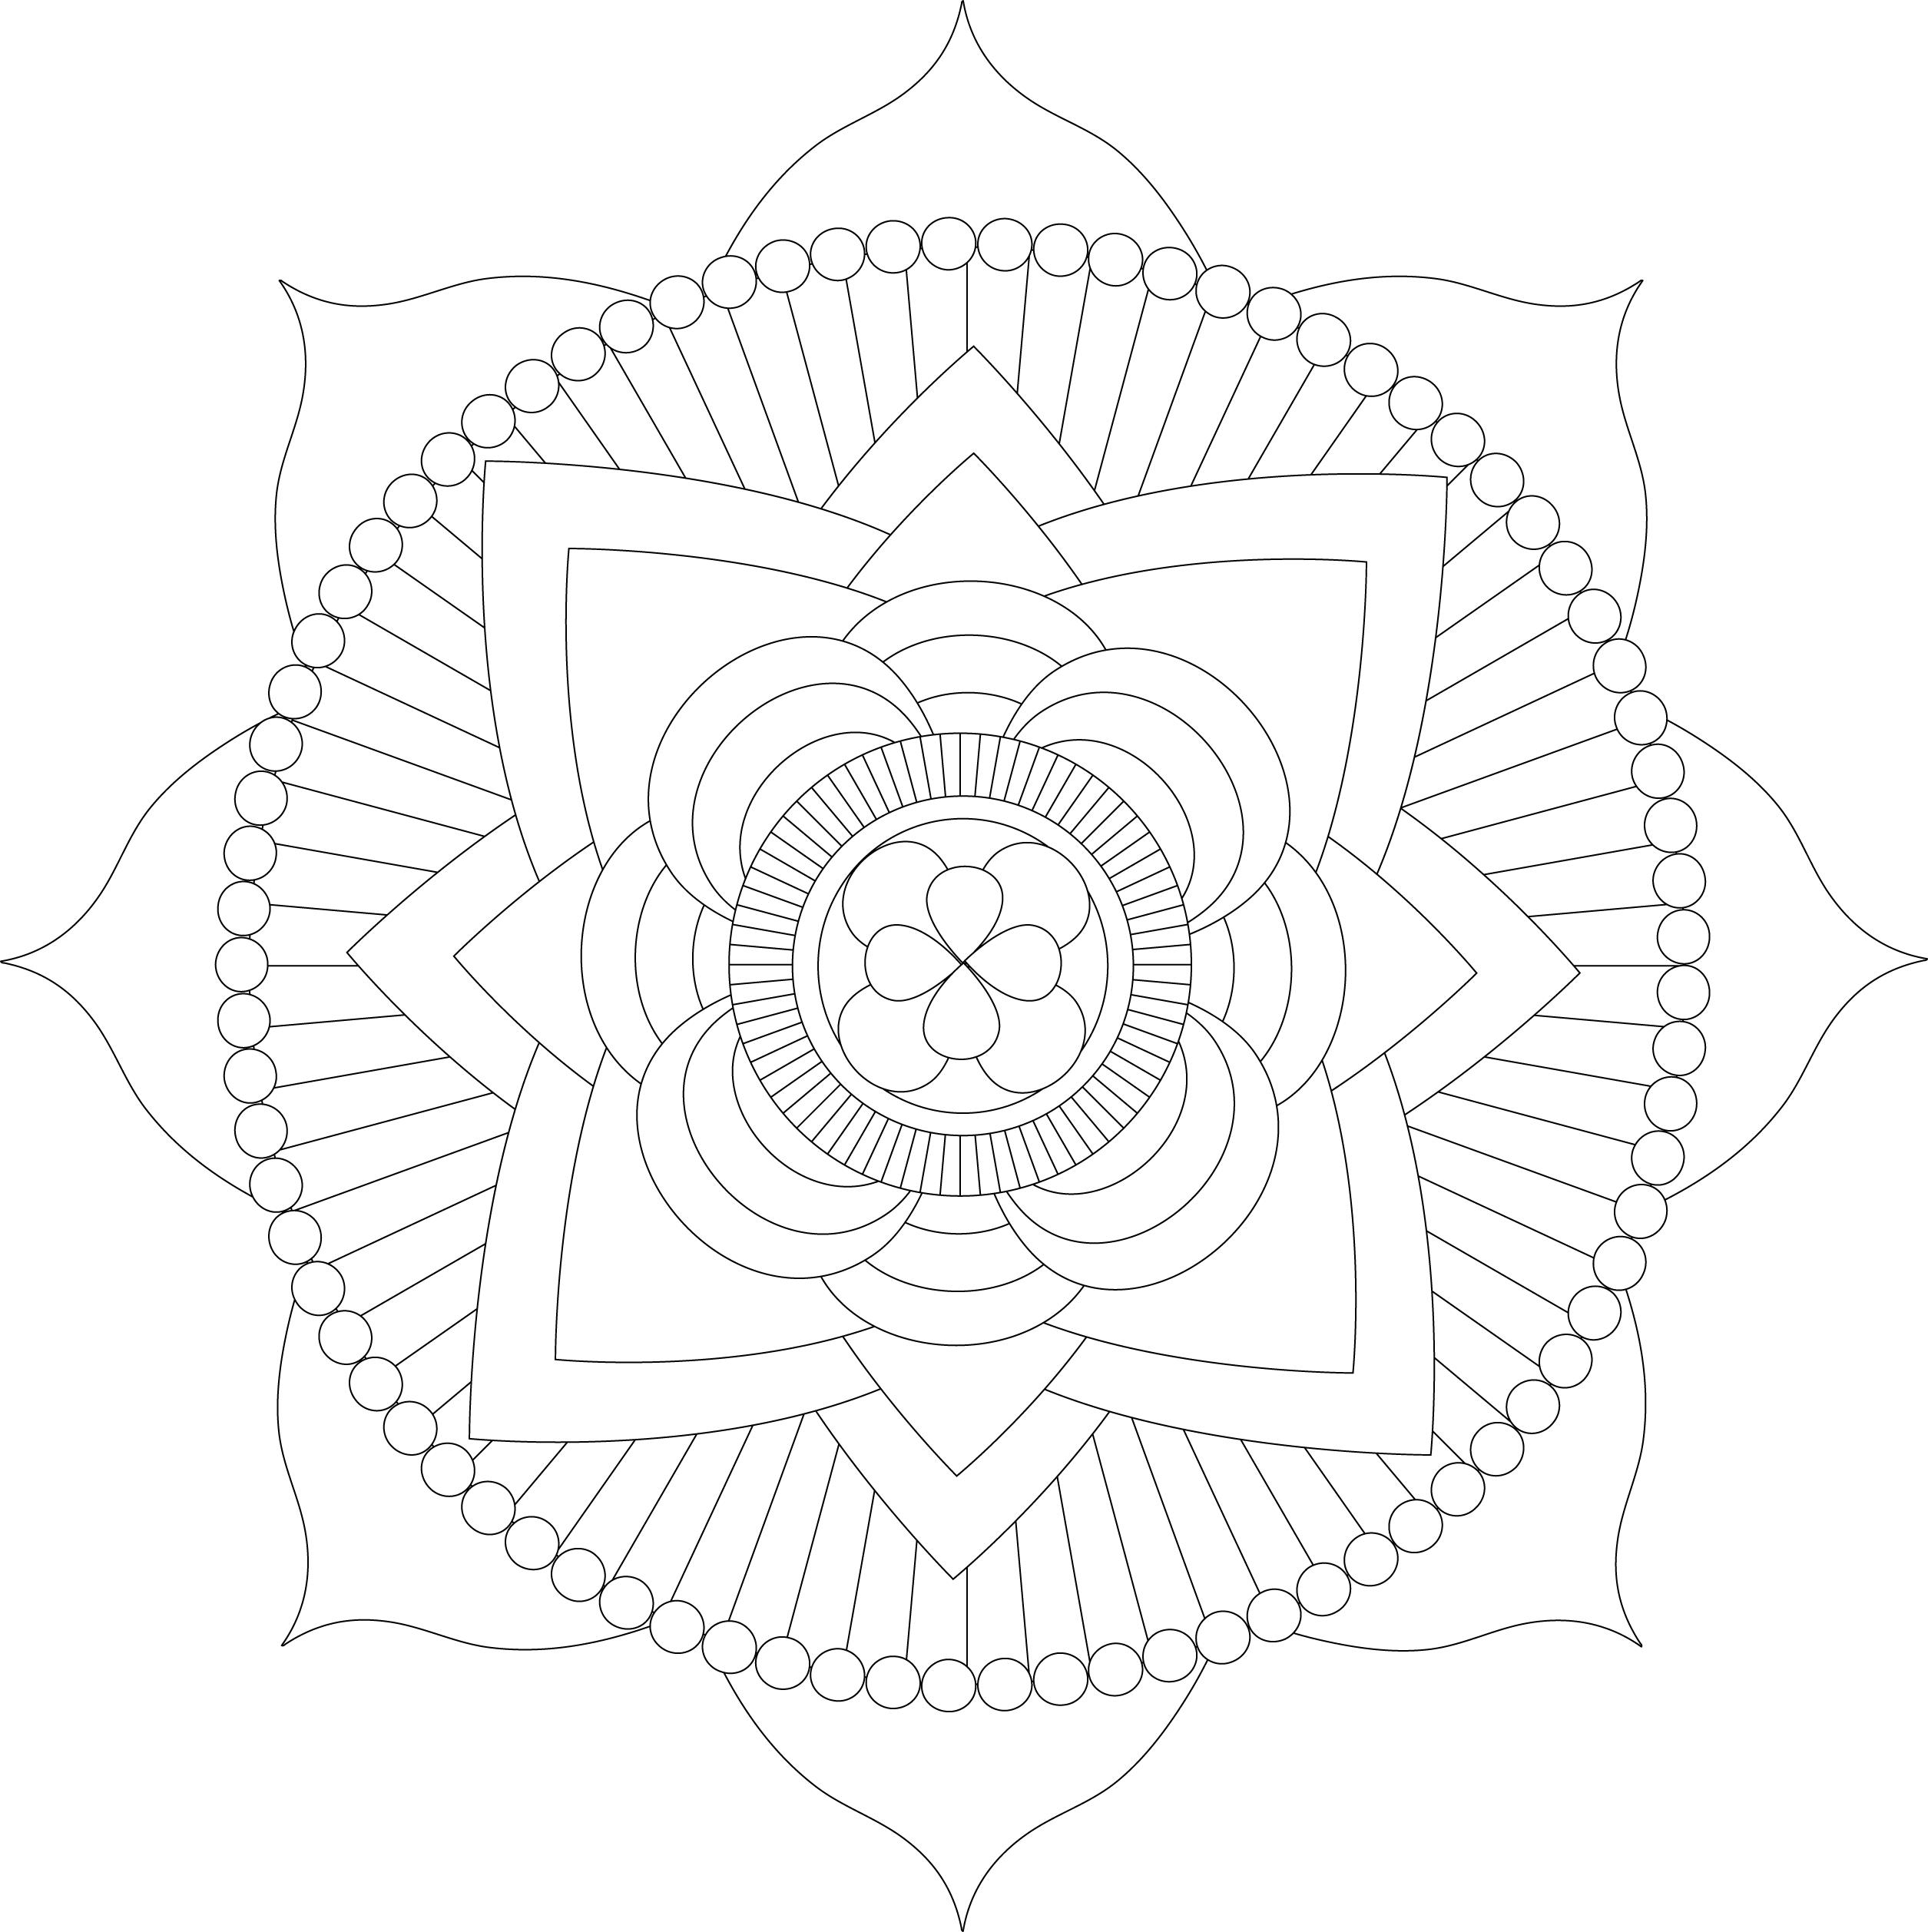 coloring mandalas for adults free printable mandala coloring pages for adults best coloring adults mandalas for